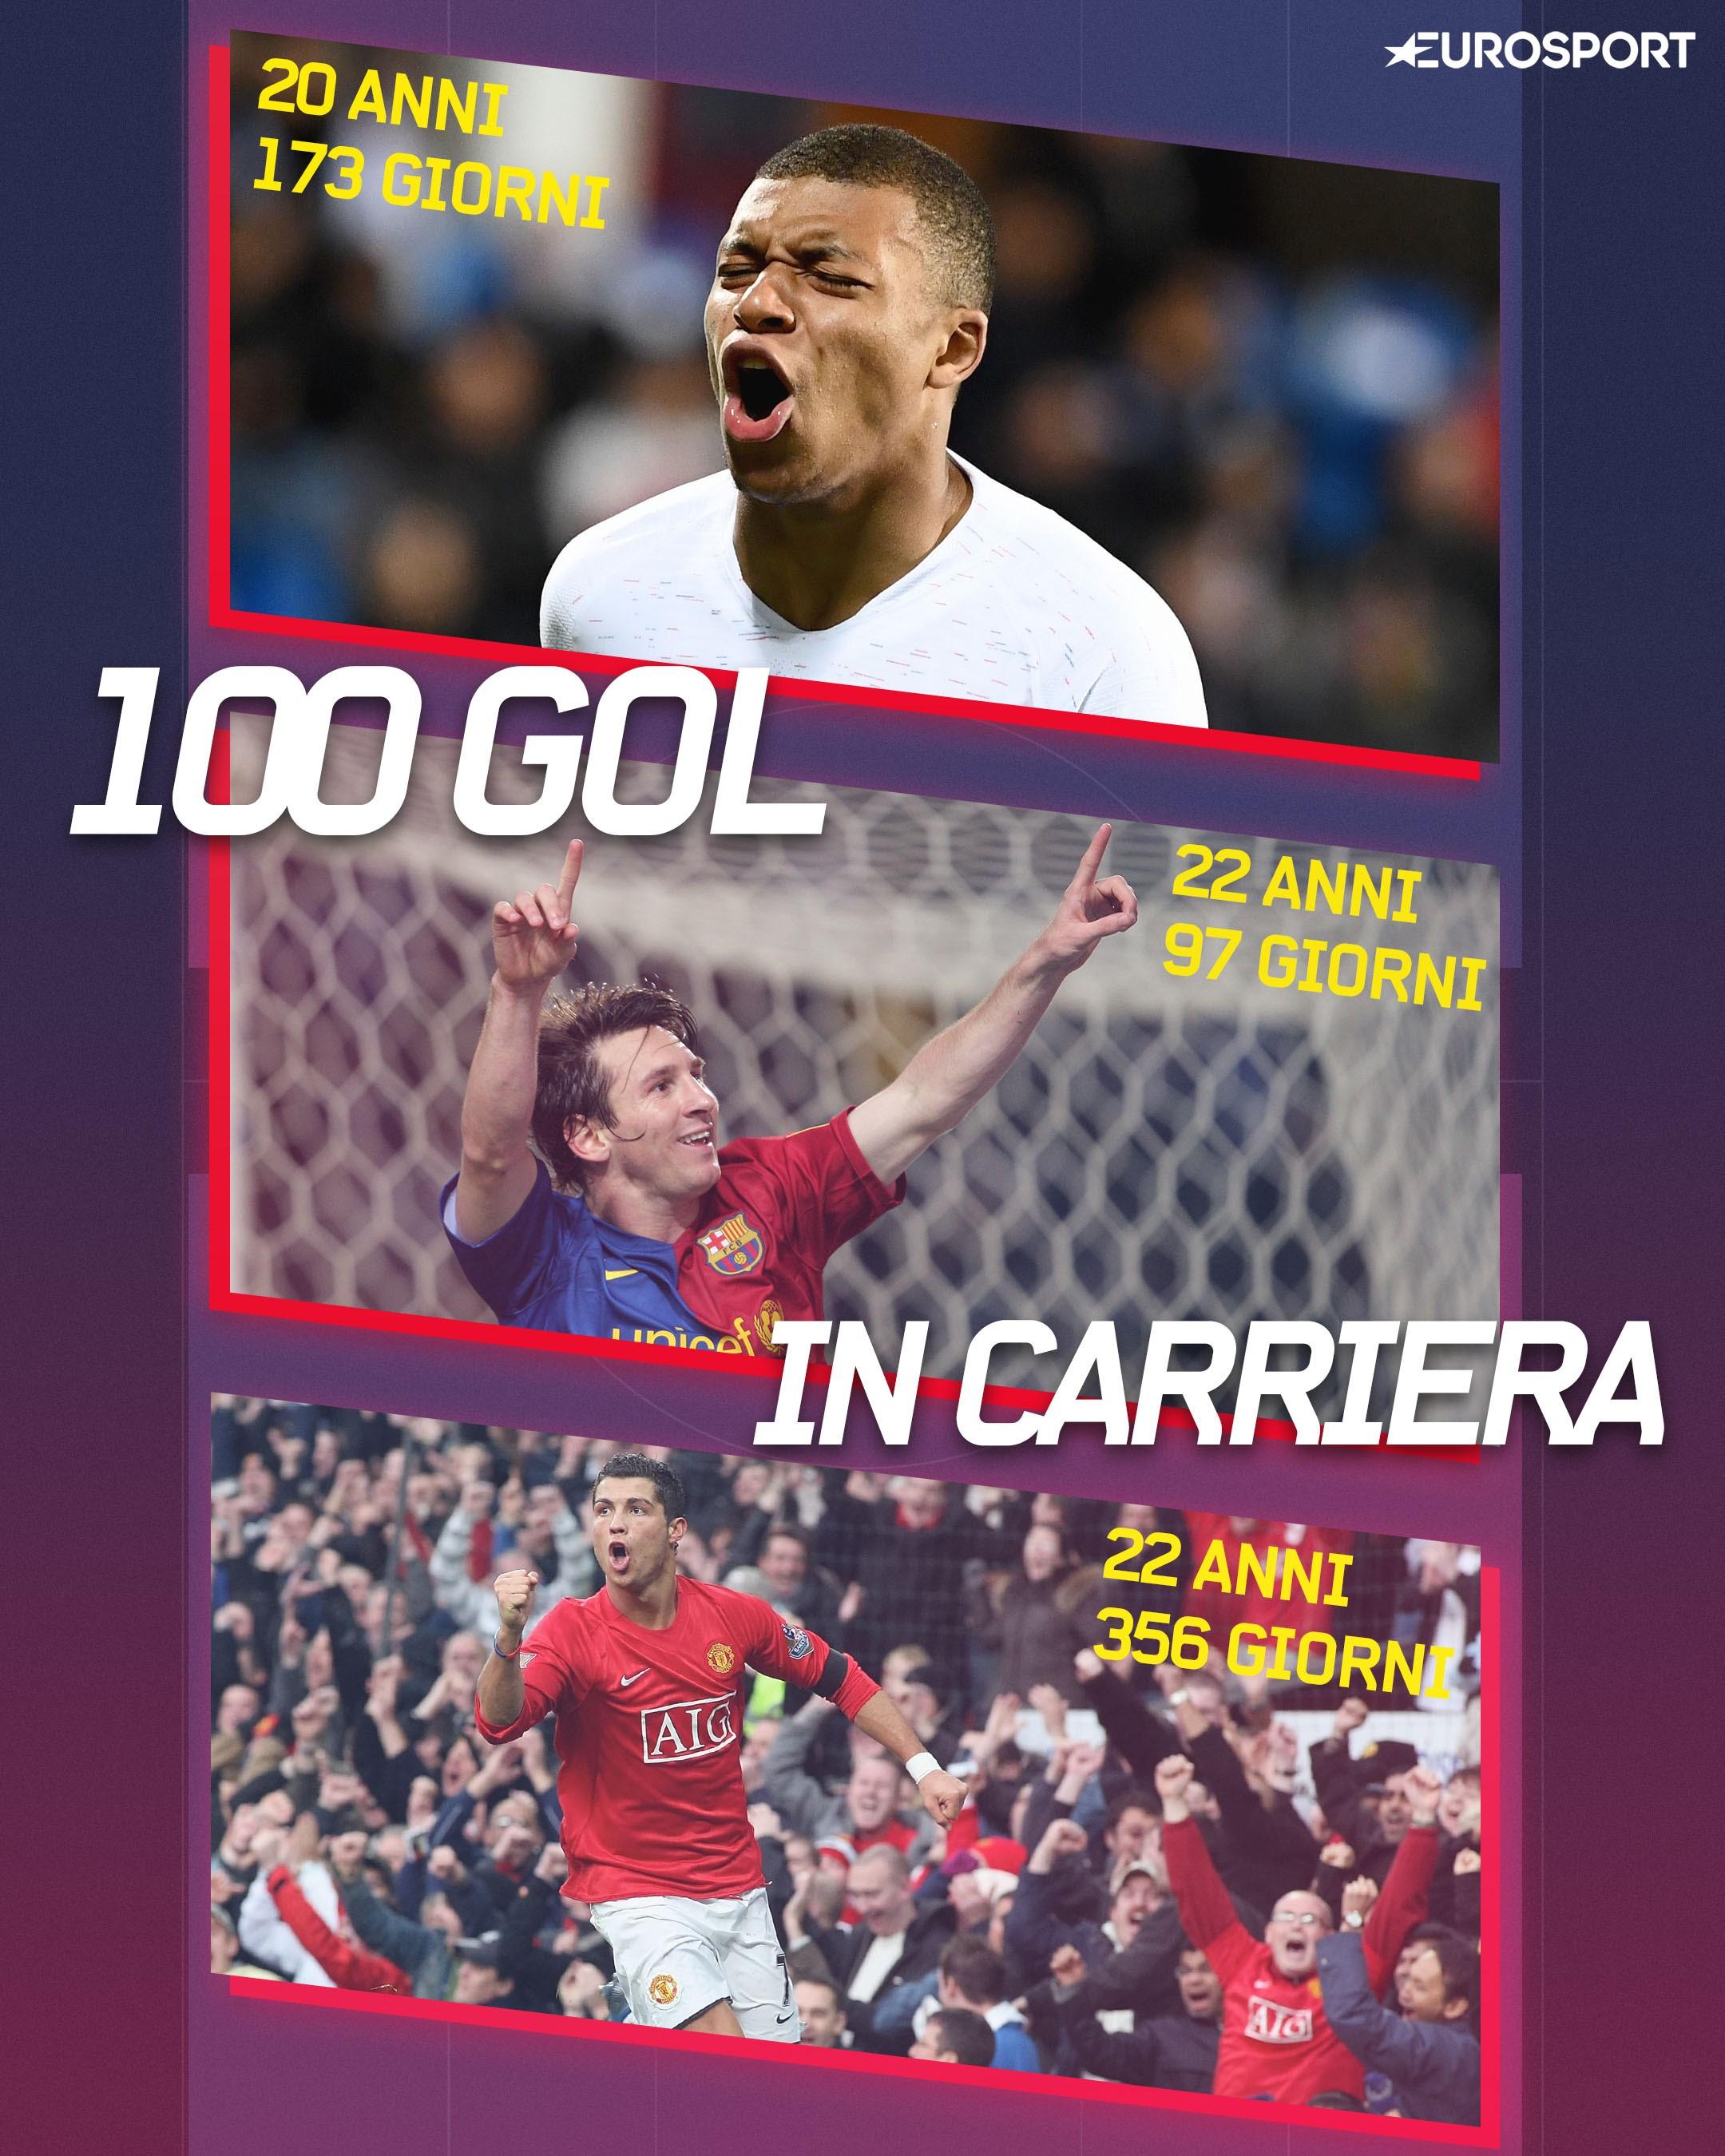 Mbappè 100 gol prima di Messi e Ronaldo